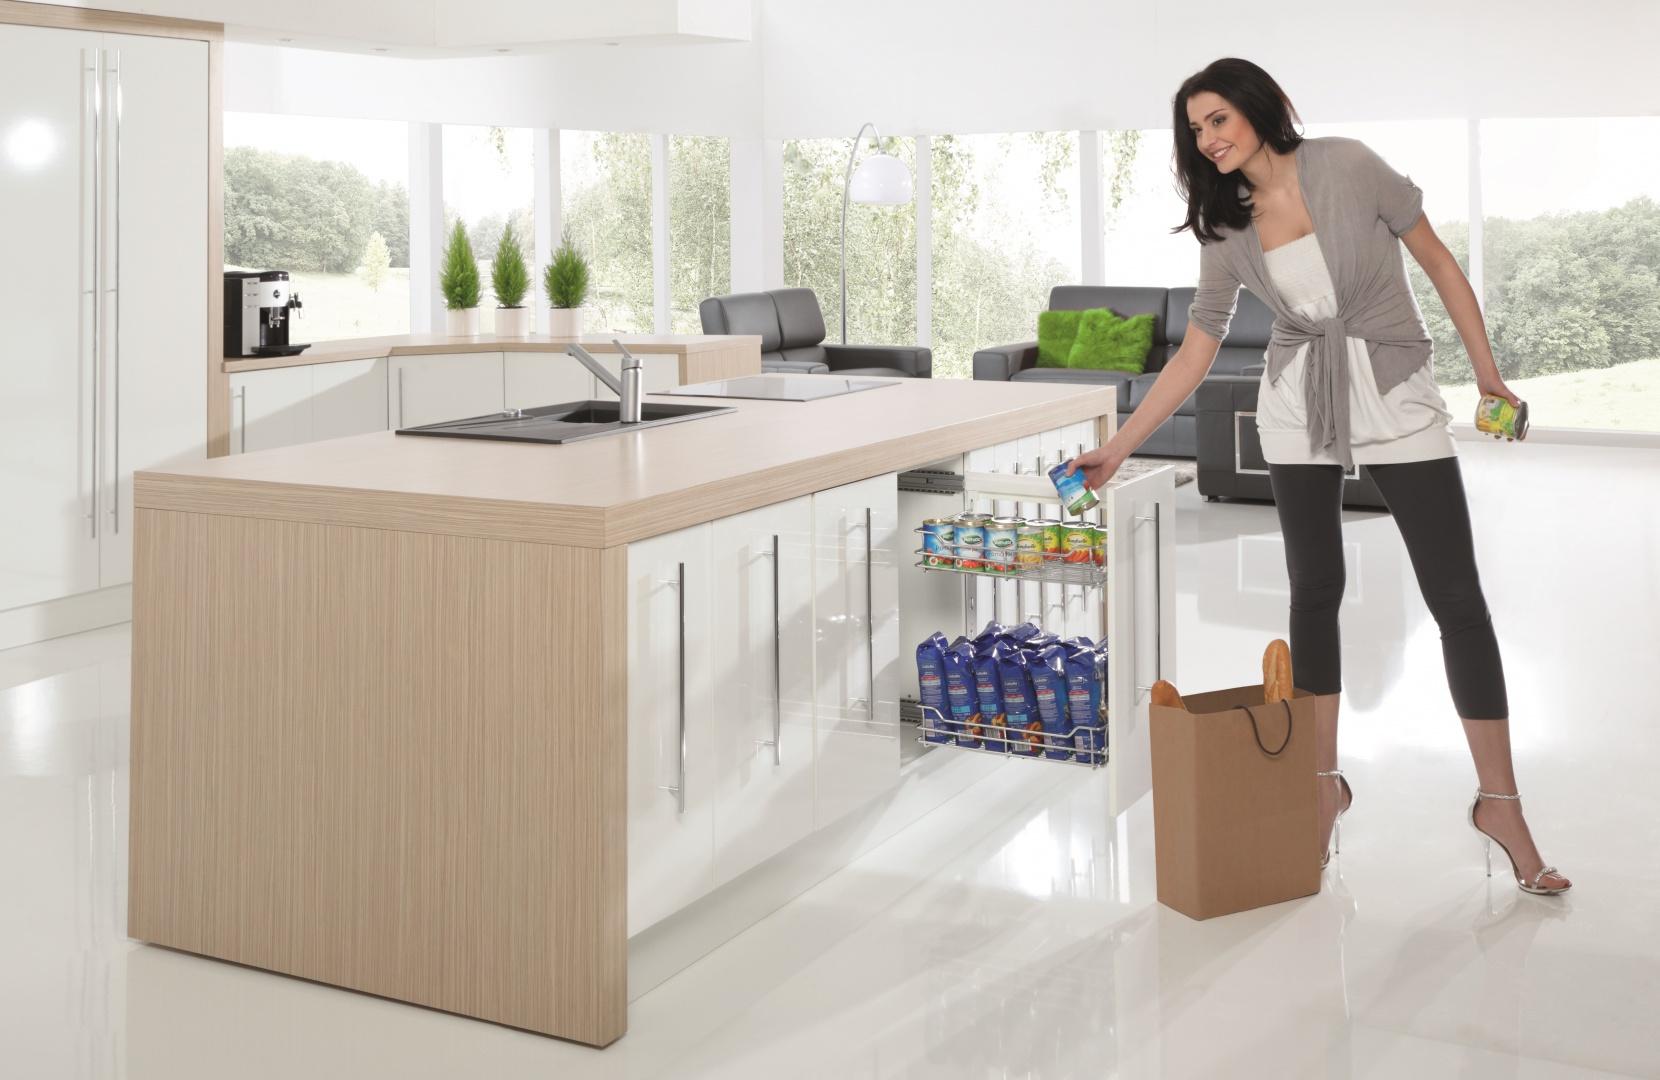 Takie niewielkie cargo w dolnych szafkach doskonale sprawdzi się w małych kuchniach. Jest pojemne i bardzo praktyczne. Na zdjęciu: cargo mini boczne firmy Rejs. Fot. Rejs.